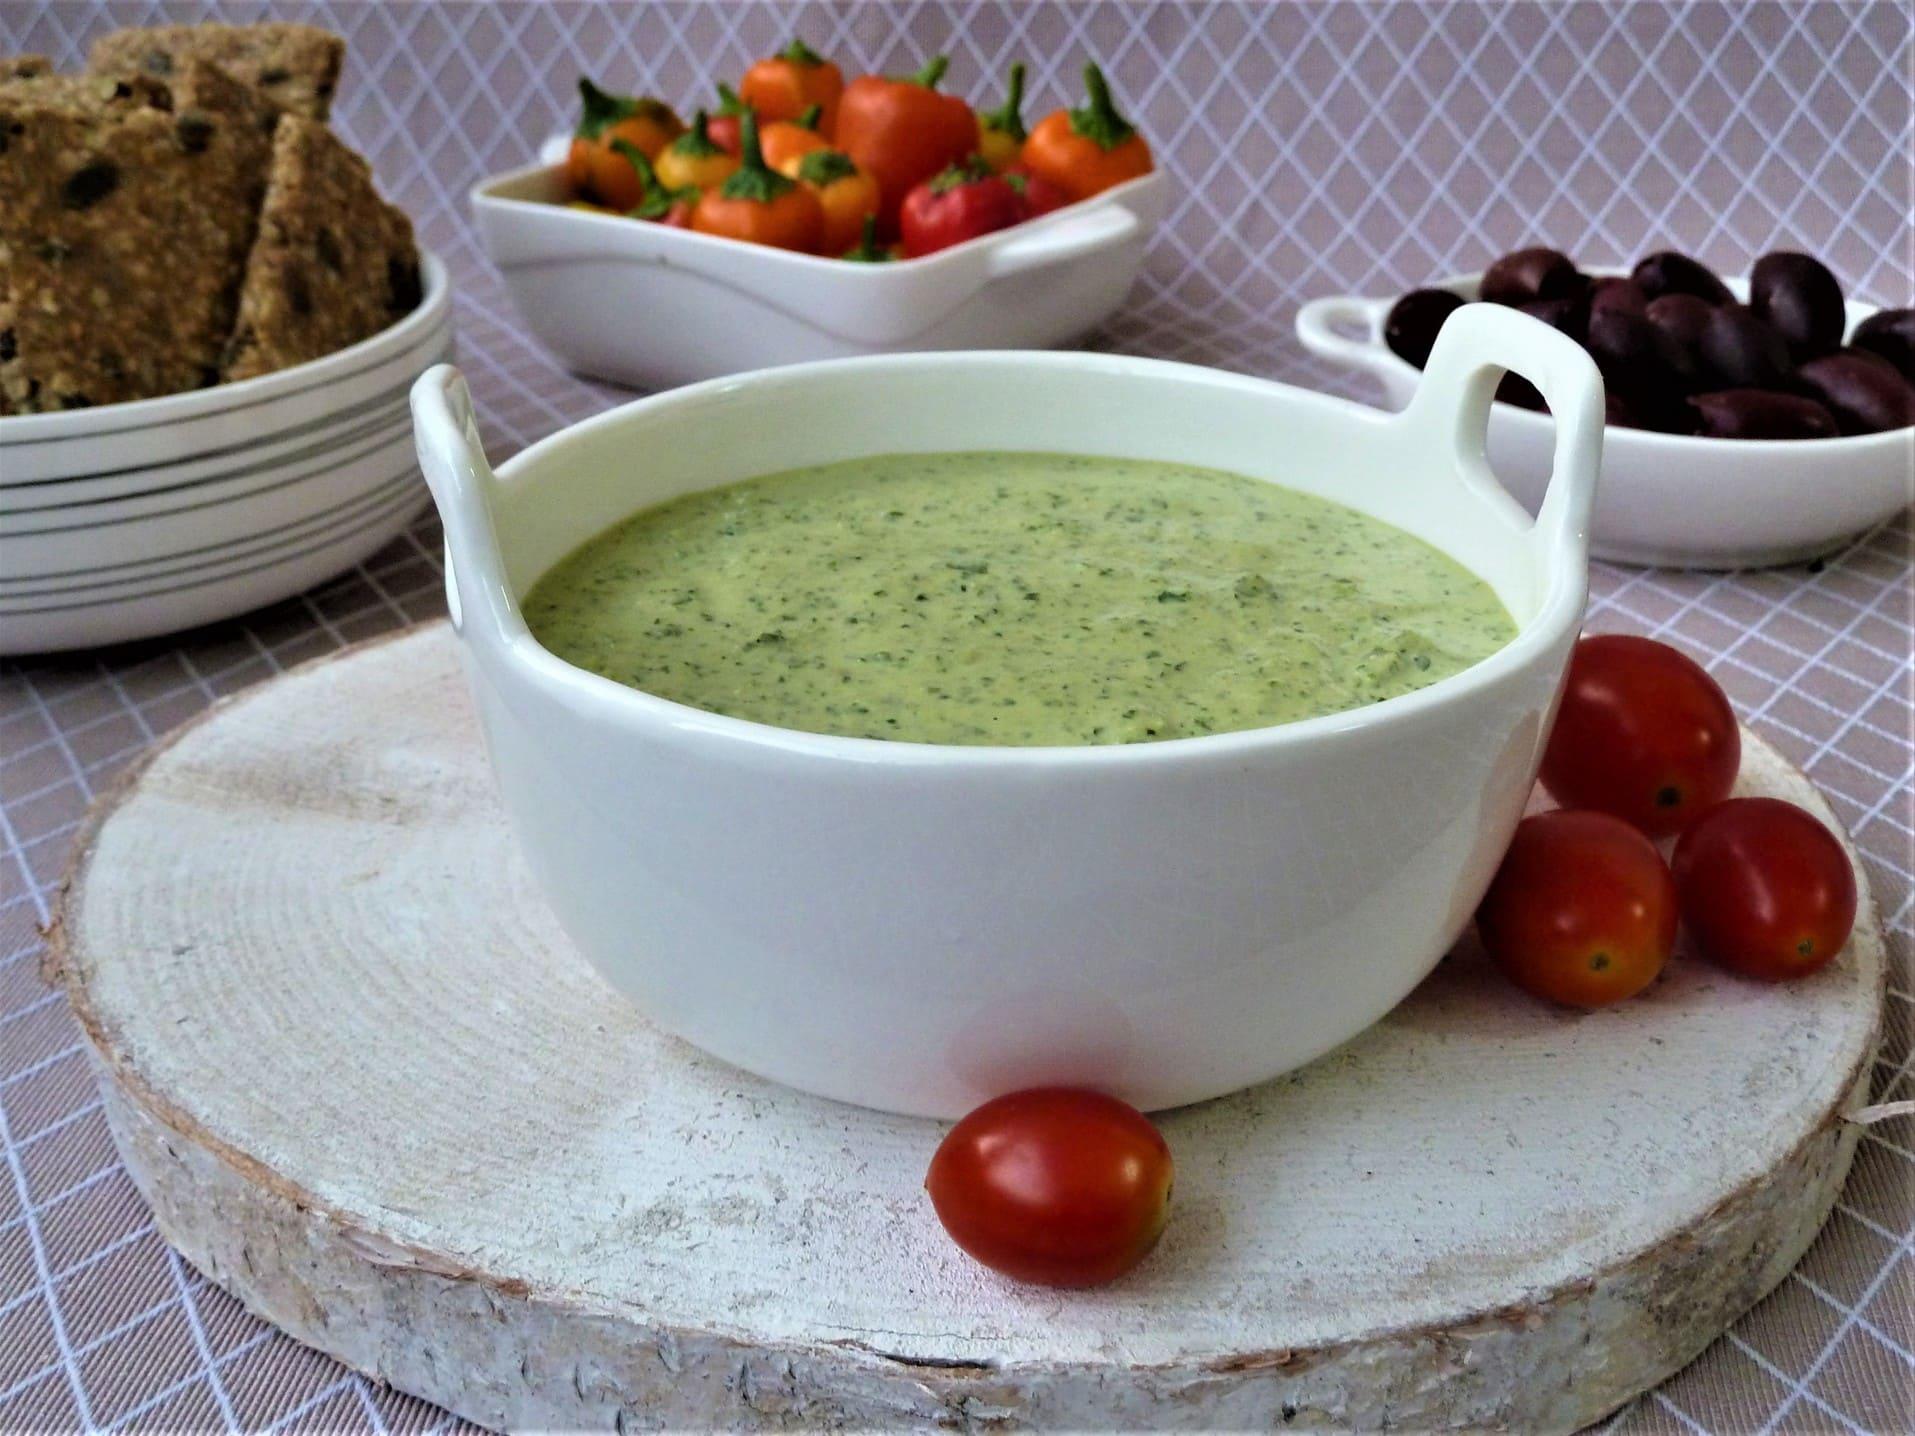 טחינה ירוקה שירה אזולאי מסע בריאות